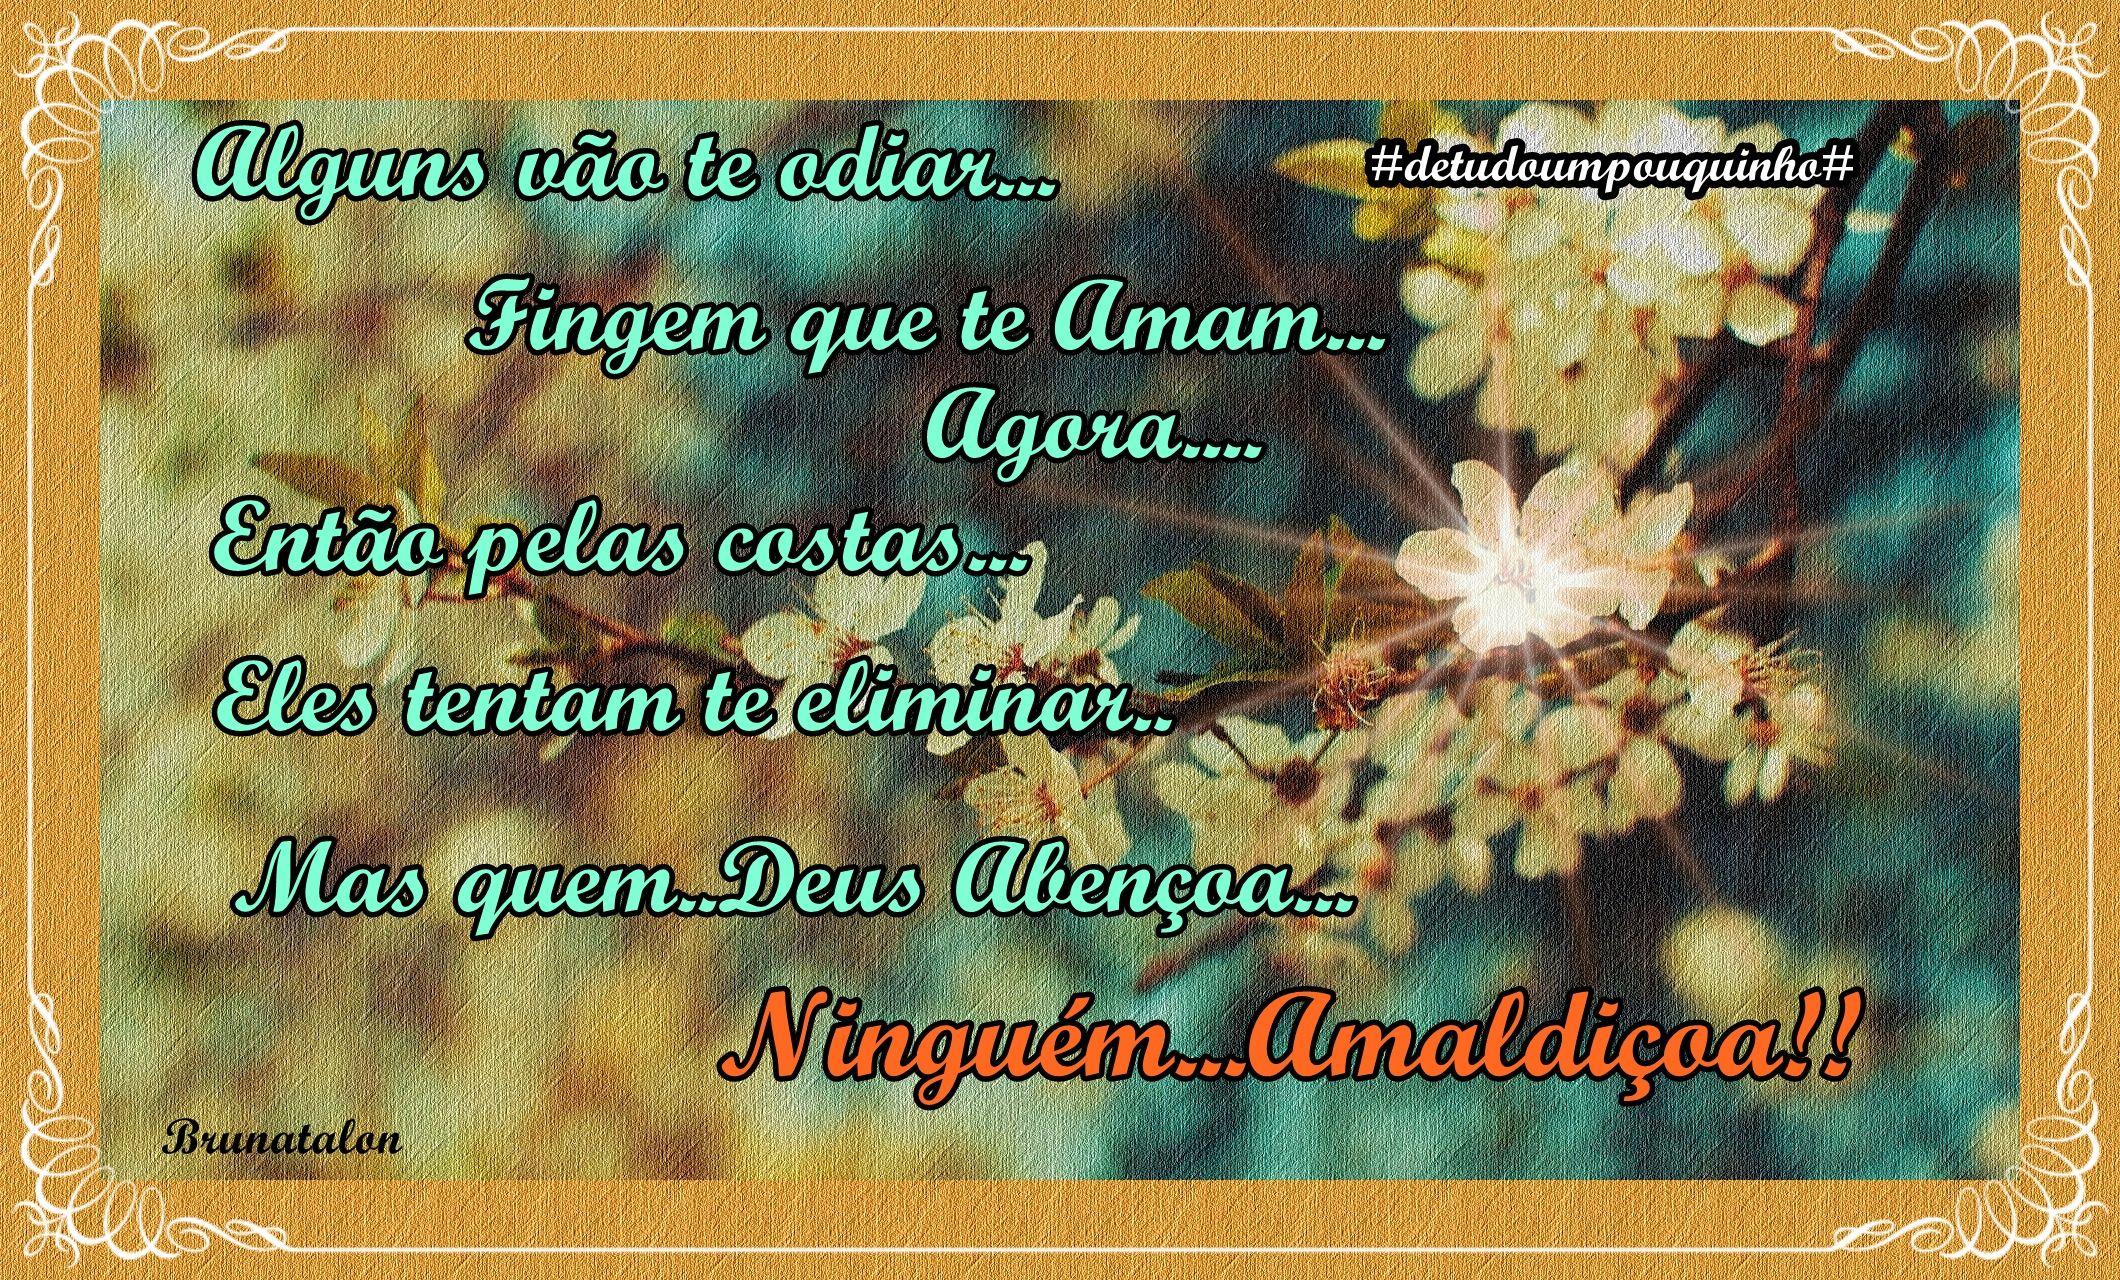 #citações  #brunatalon #blogpessoal